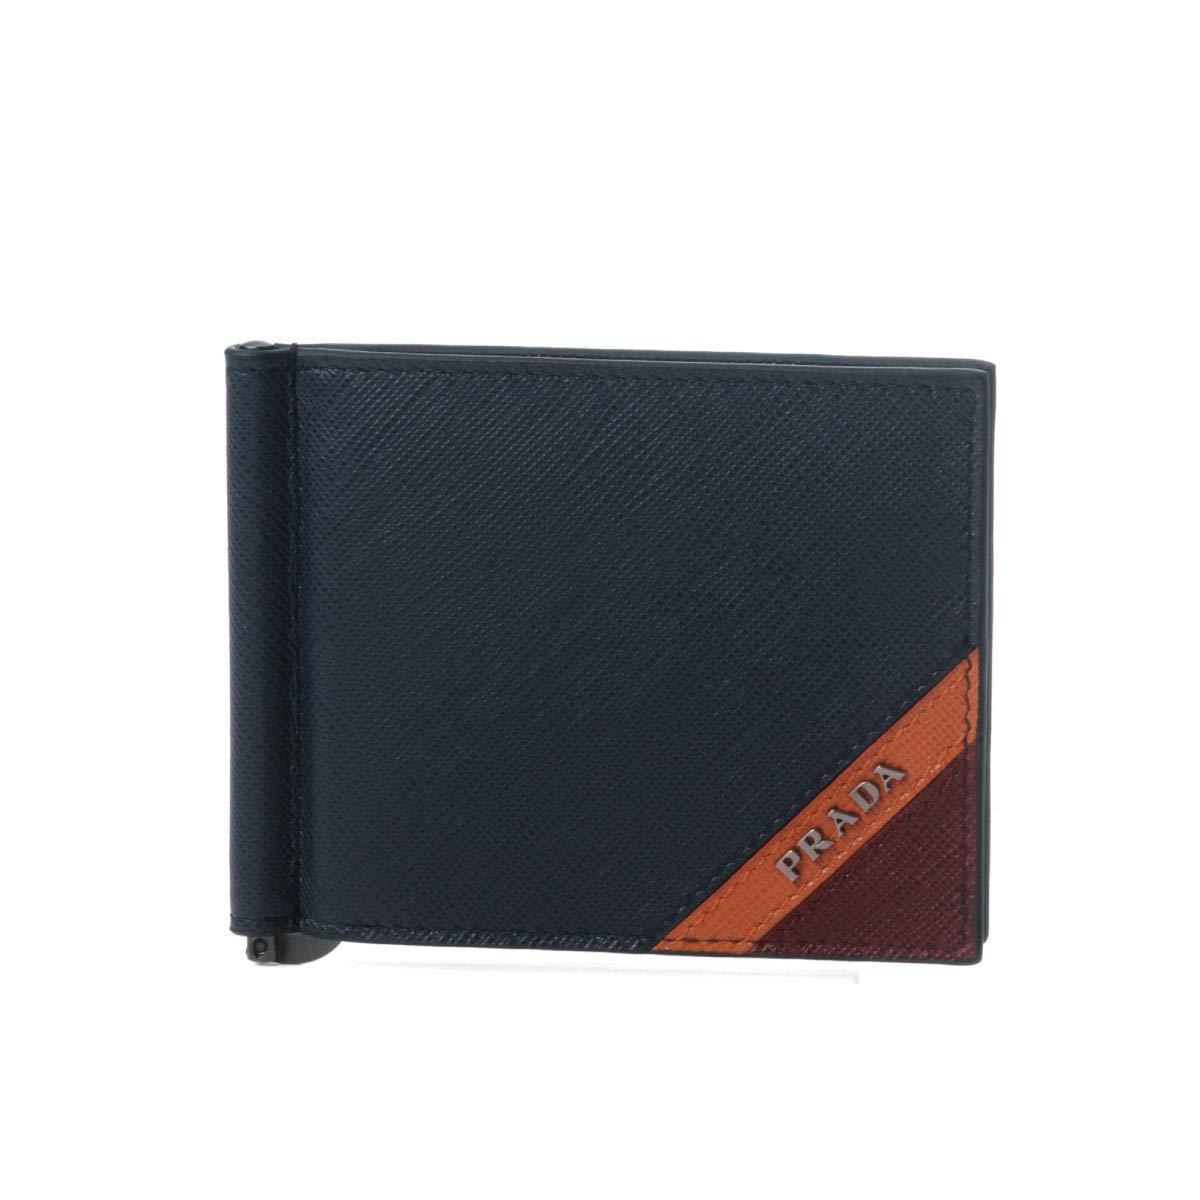 (プラダ) PRADA 二つ折り財布 SAFFIANO STRIPE ダークブルー 2MN077 2EGO F0574 [並行輸入品] B07KJY1QGQ